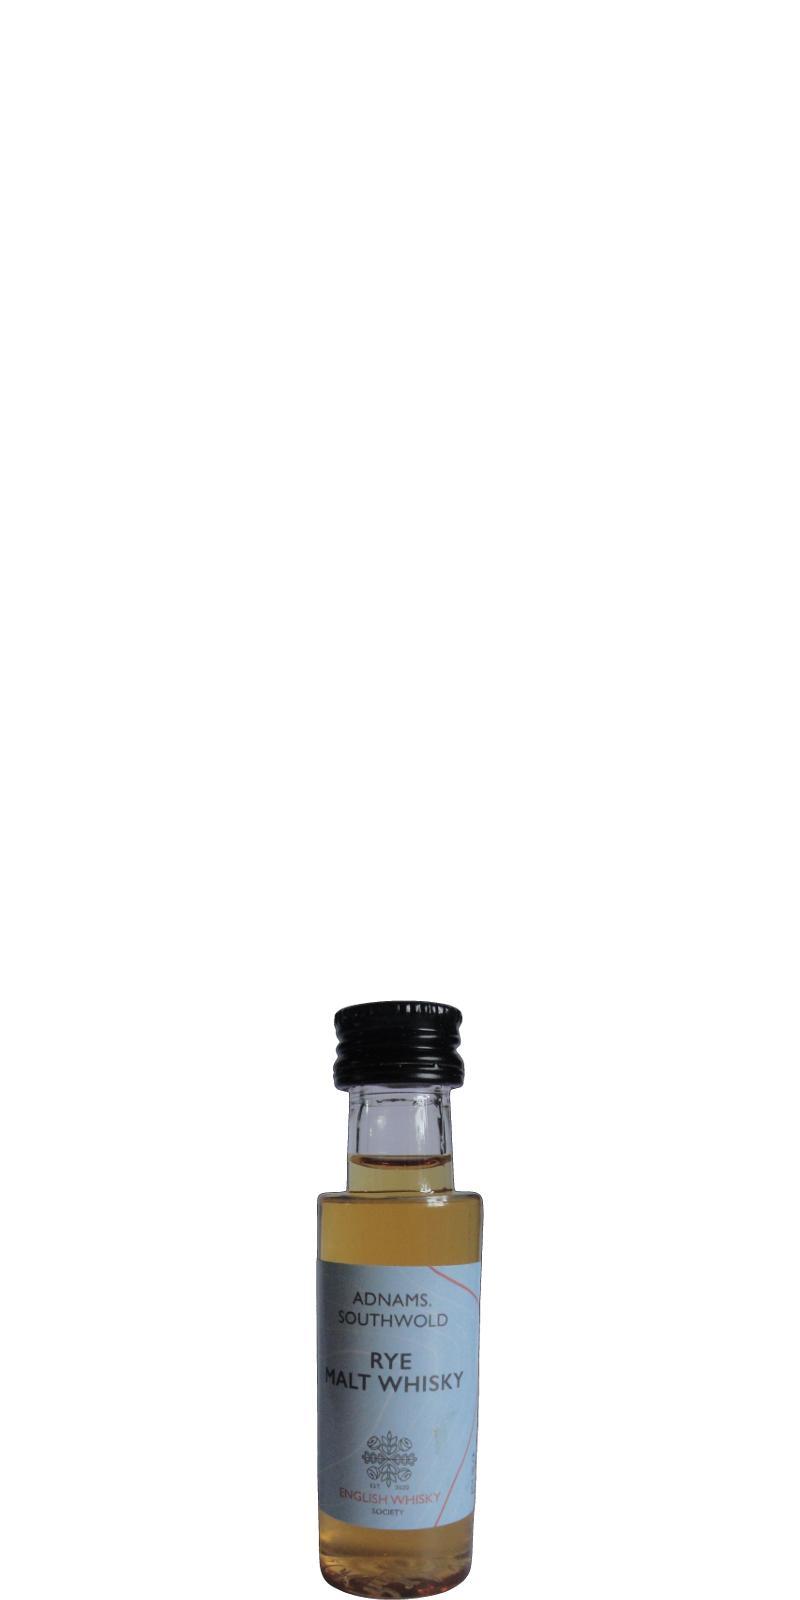 Adnams Rye Malt Whisky TDT